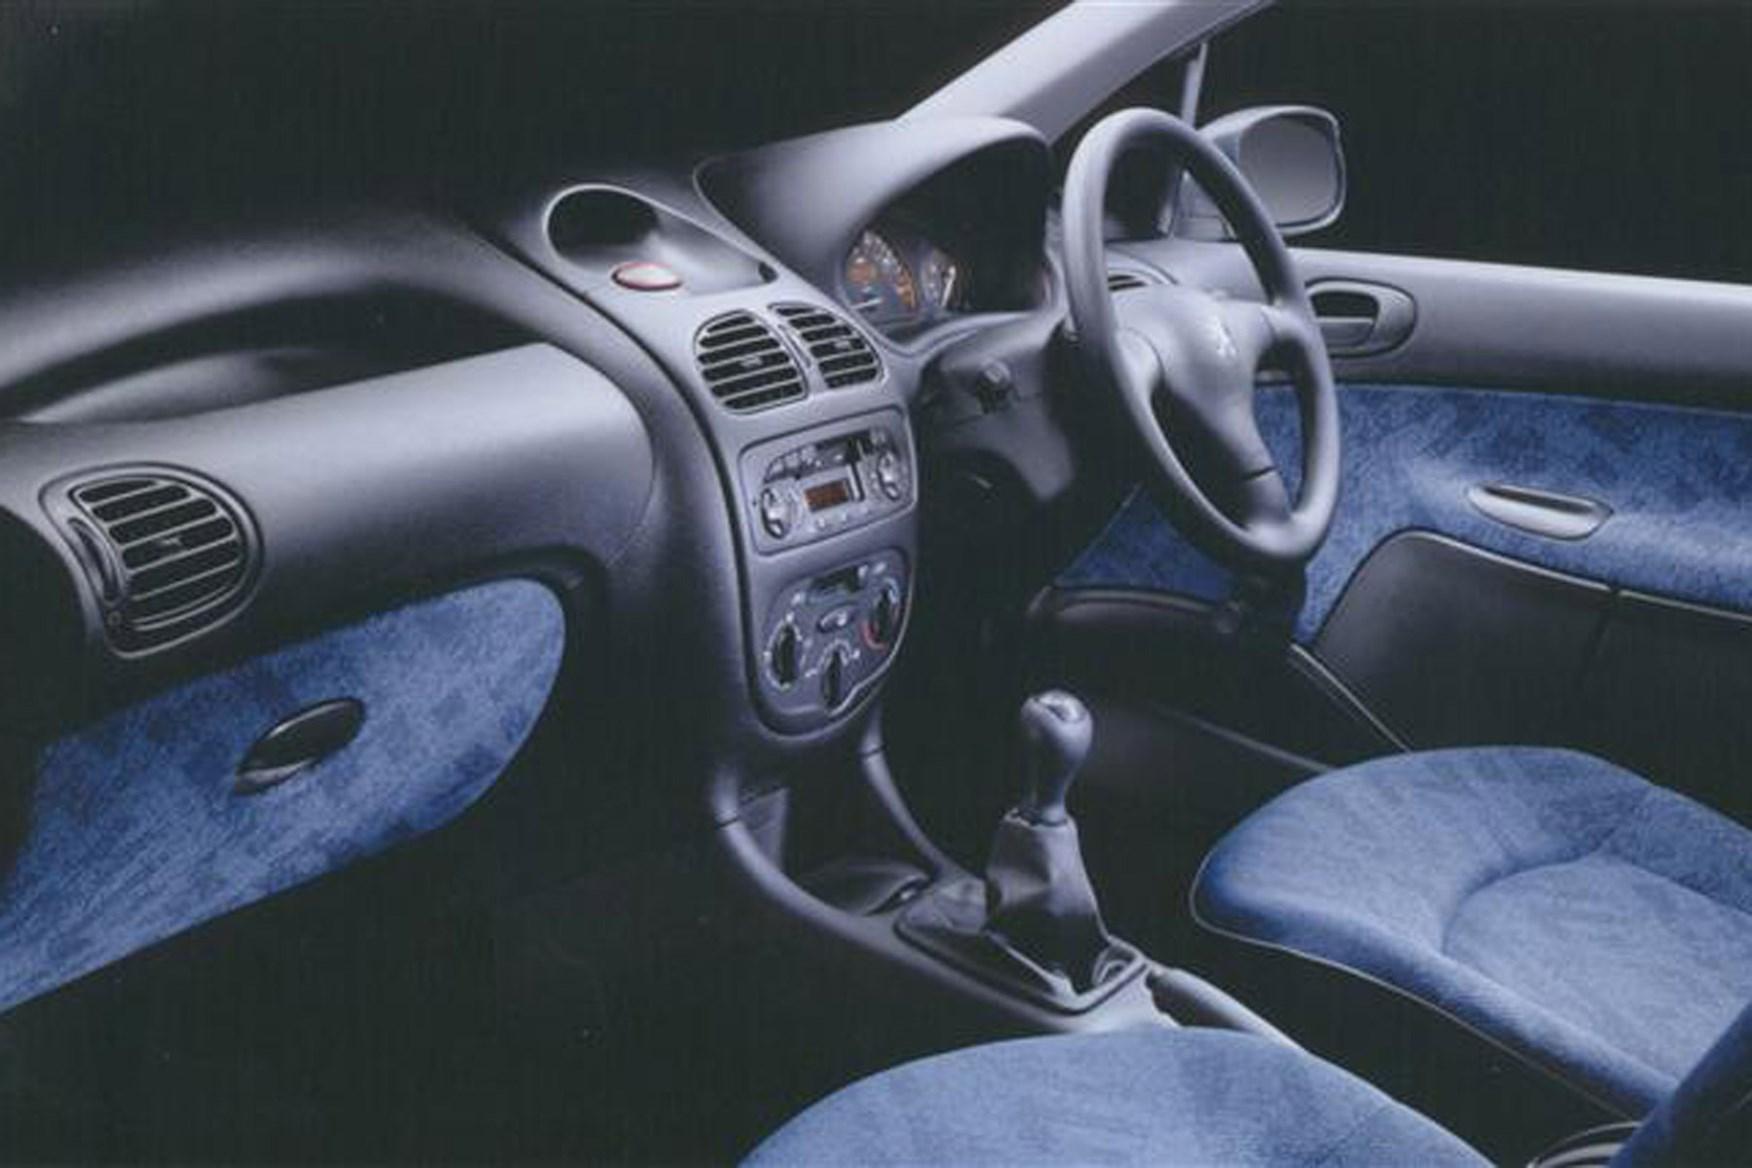 Peugeot 206 Van review on Parkers Vans - cabin, interior